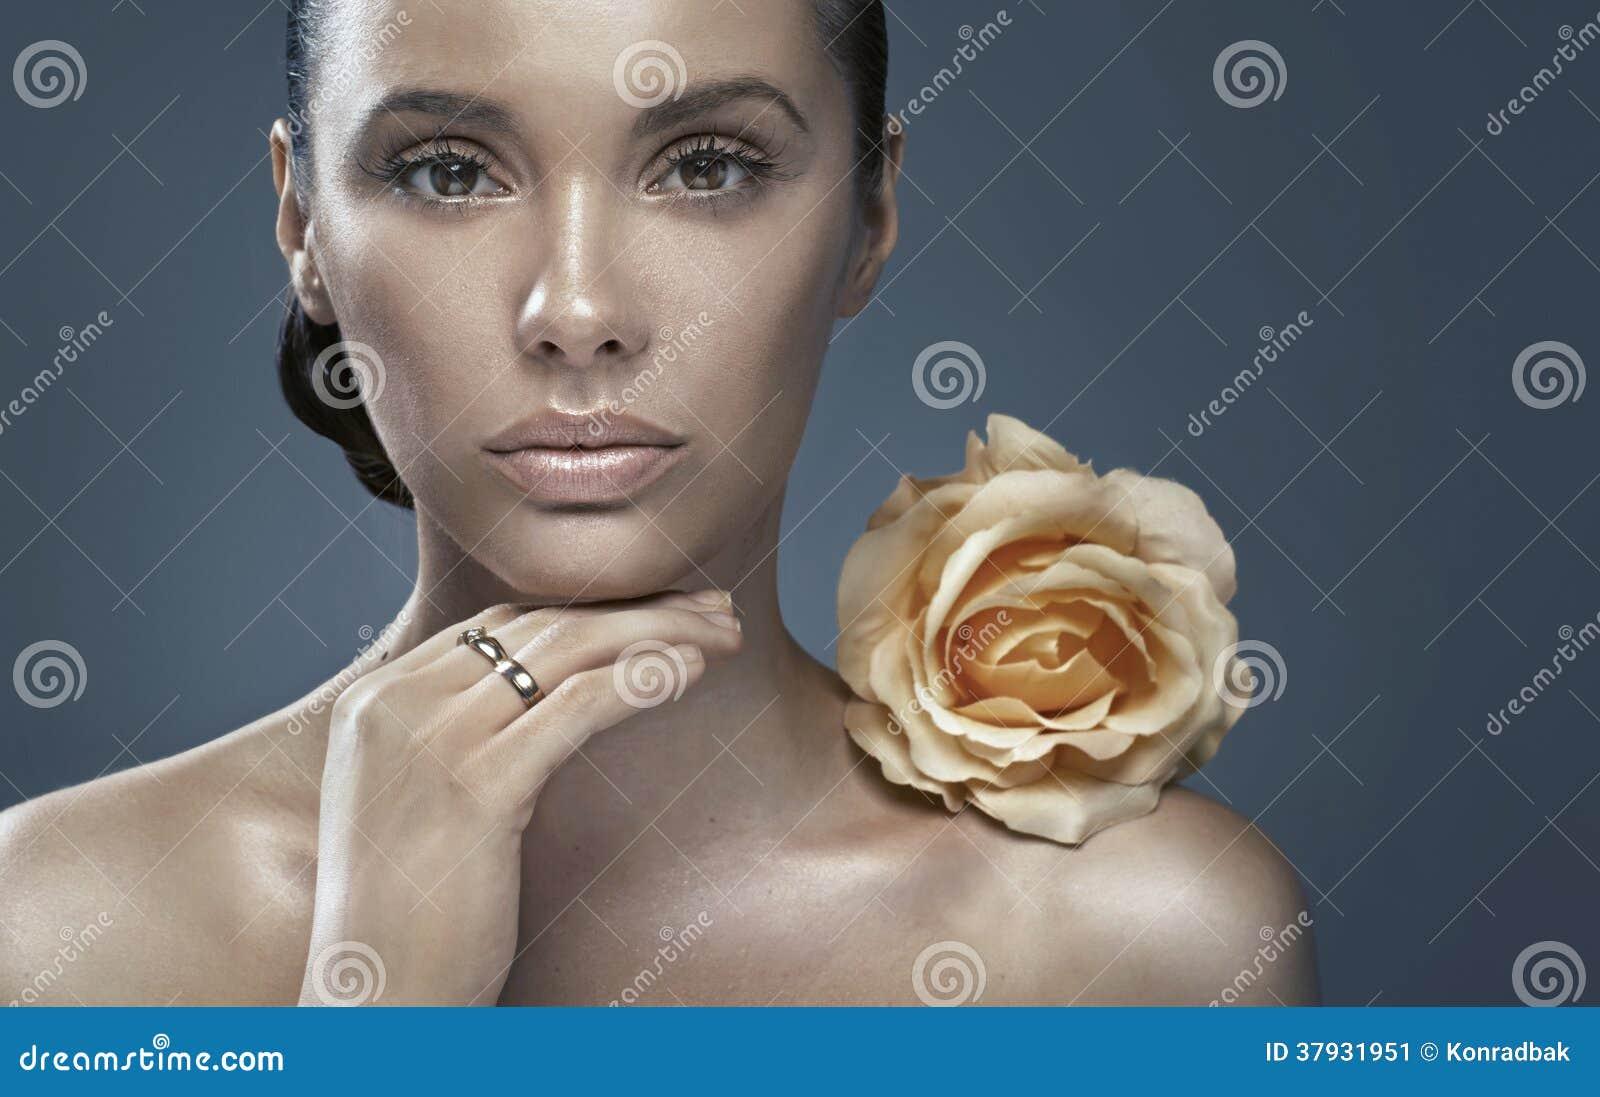 Портрет дамы с темным цветом лица